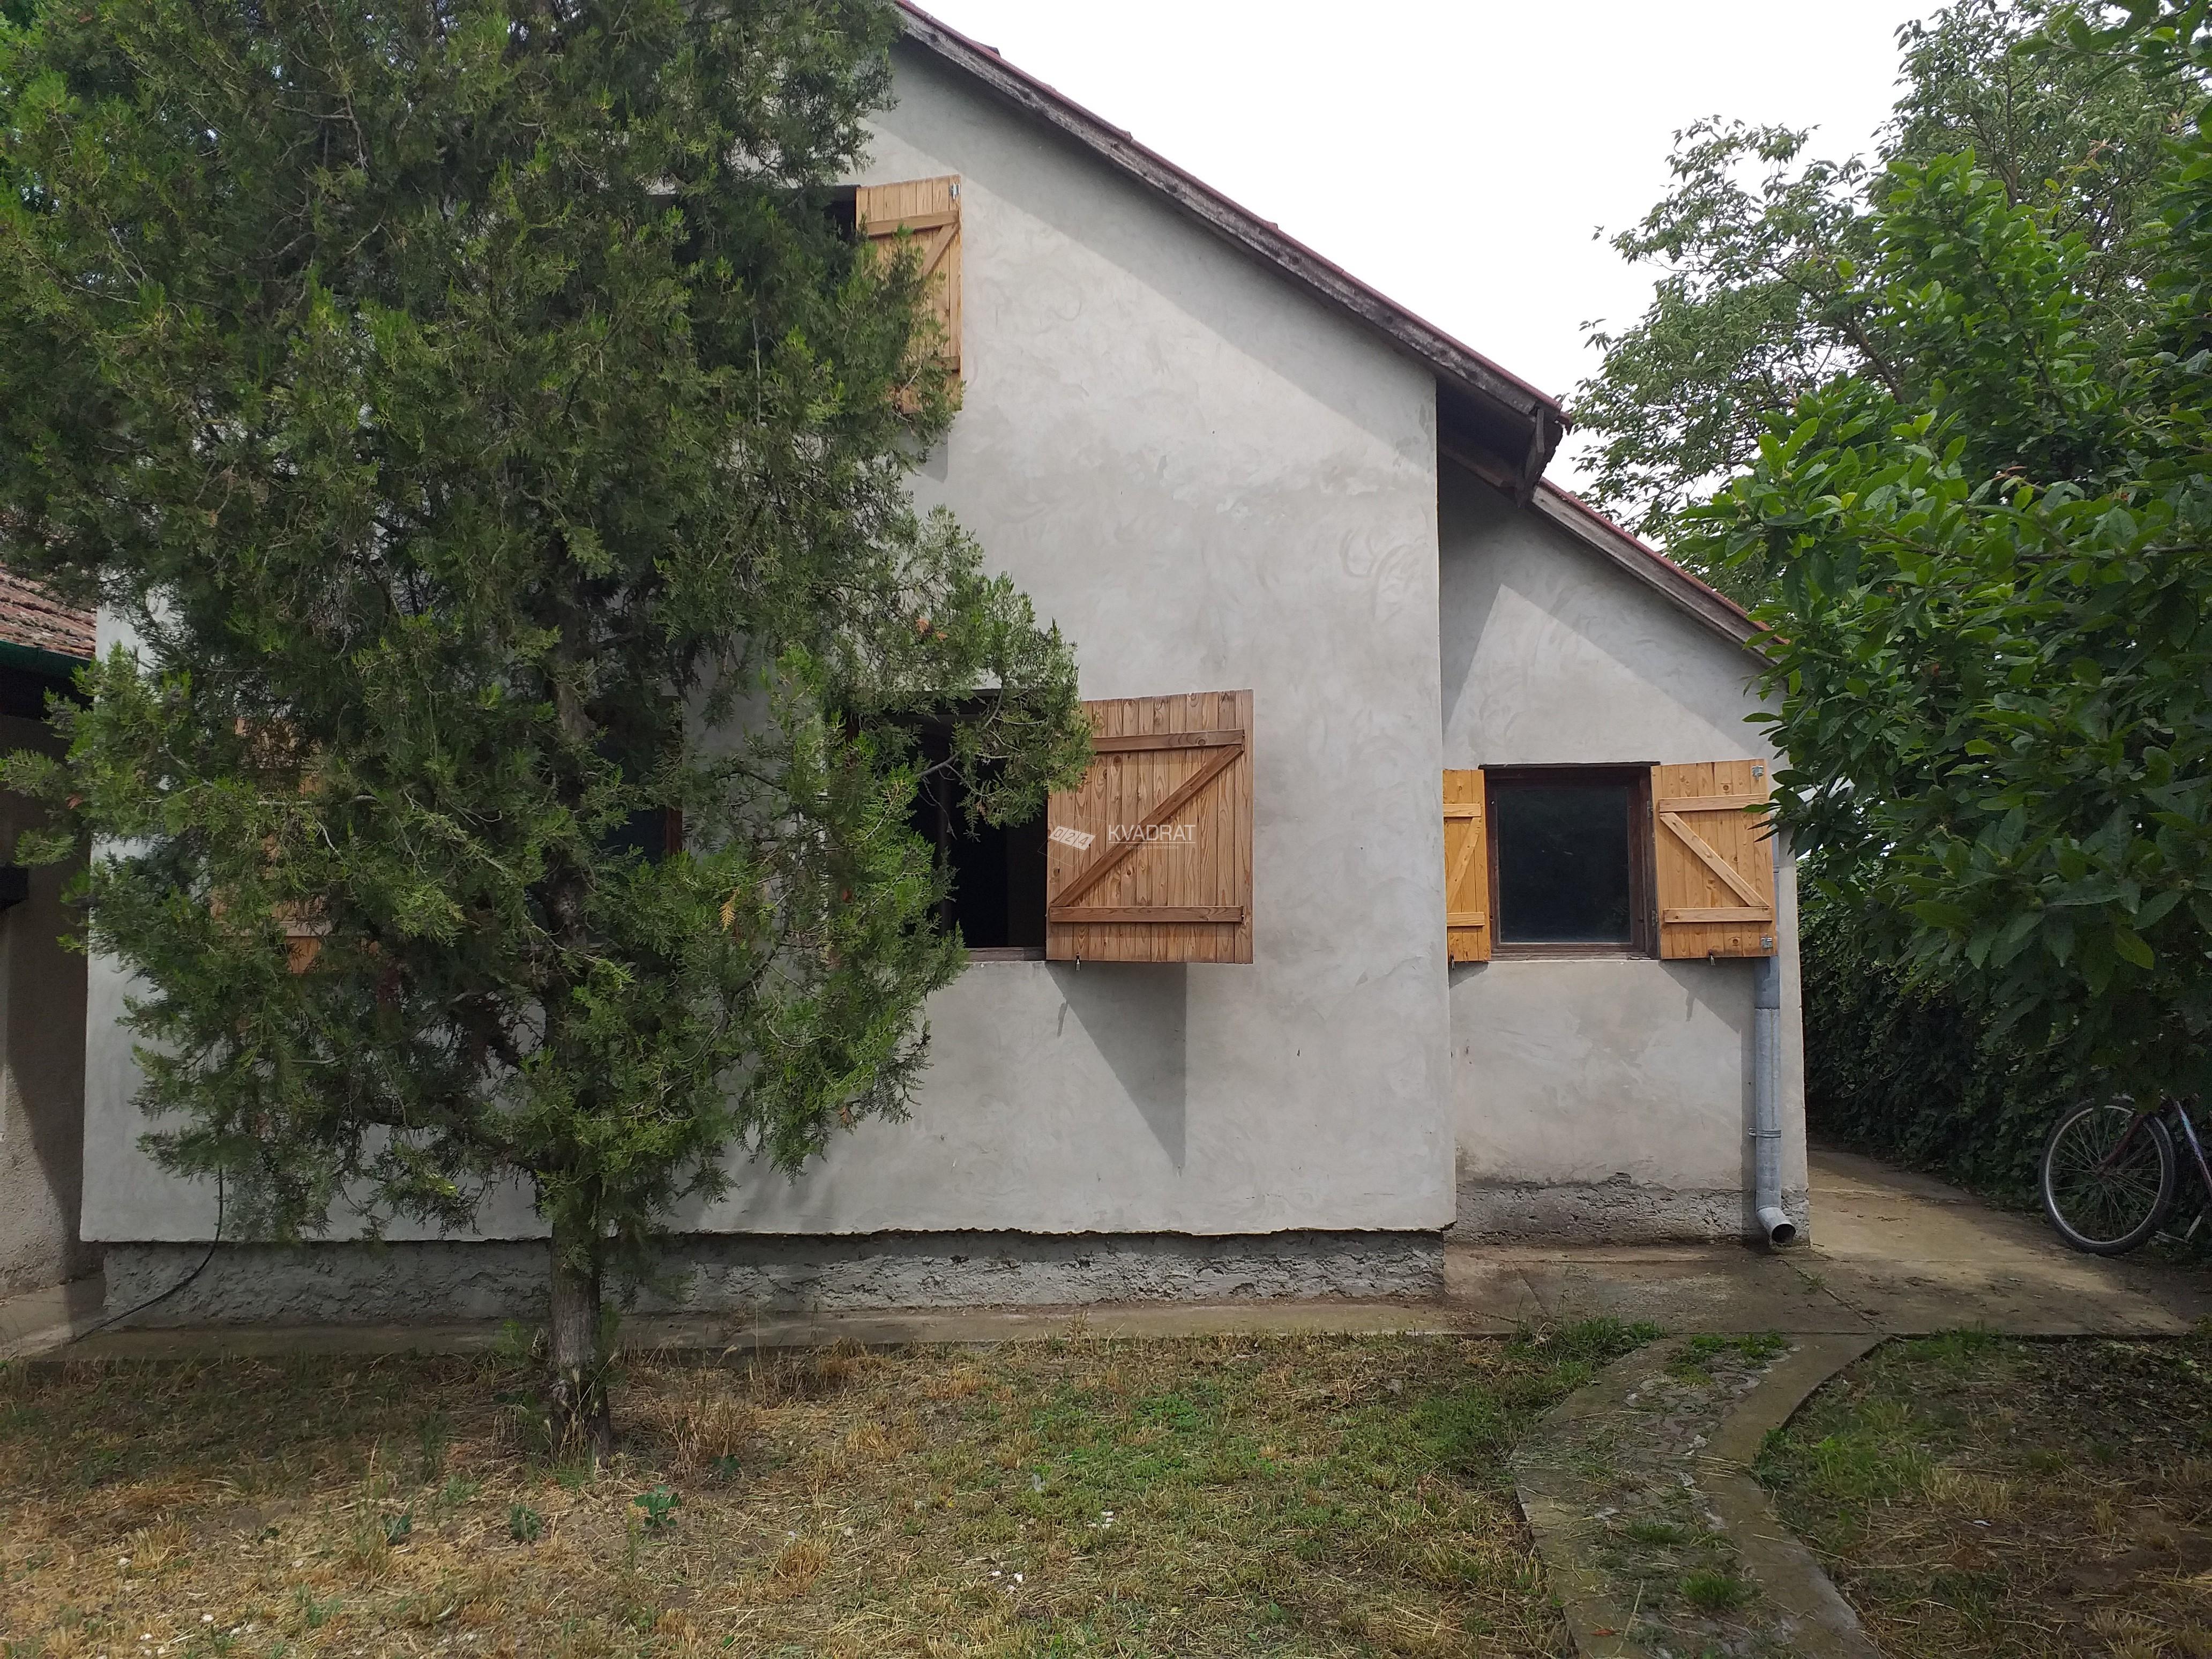 Palić, prizemna samostalna kuća sa potkrovljem!!